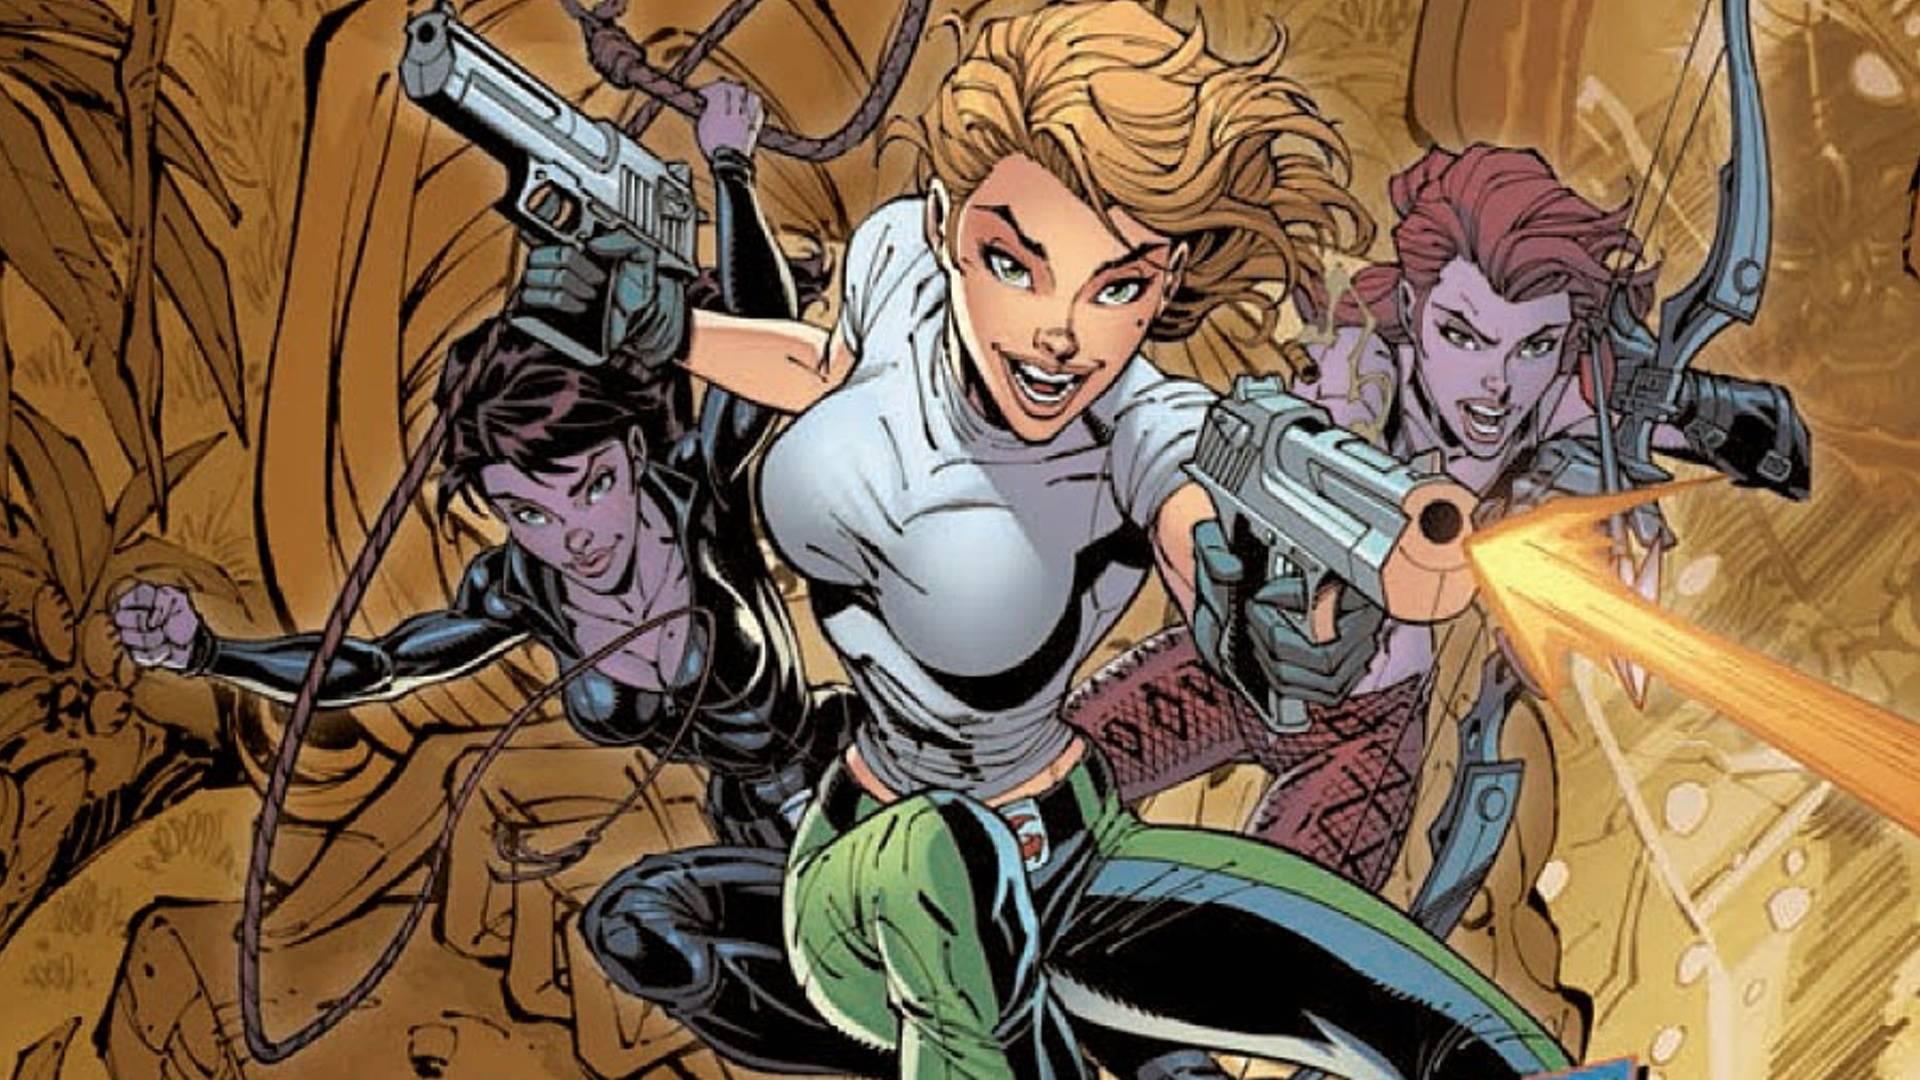 Режиссёр фильма «Пипец 2» экранизирует комикс Danger Girl про девушек-агентов в духе «Ангелов Чарли»